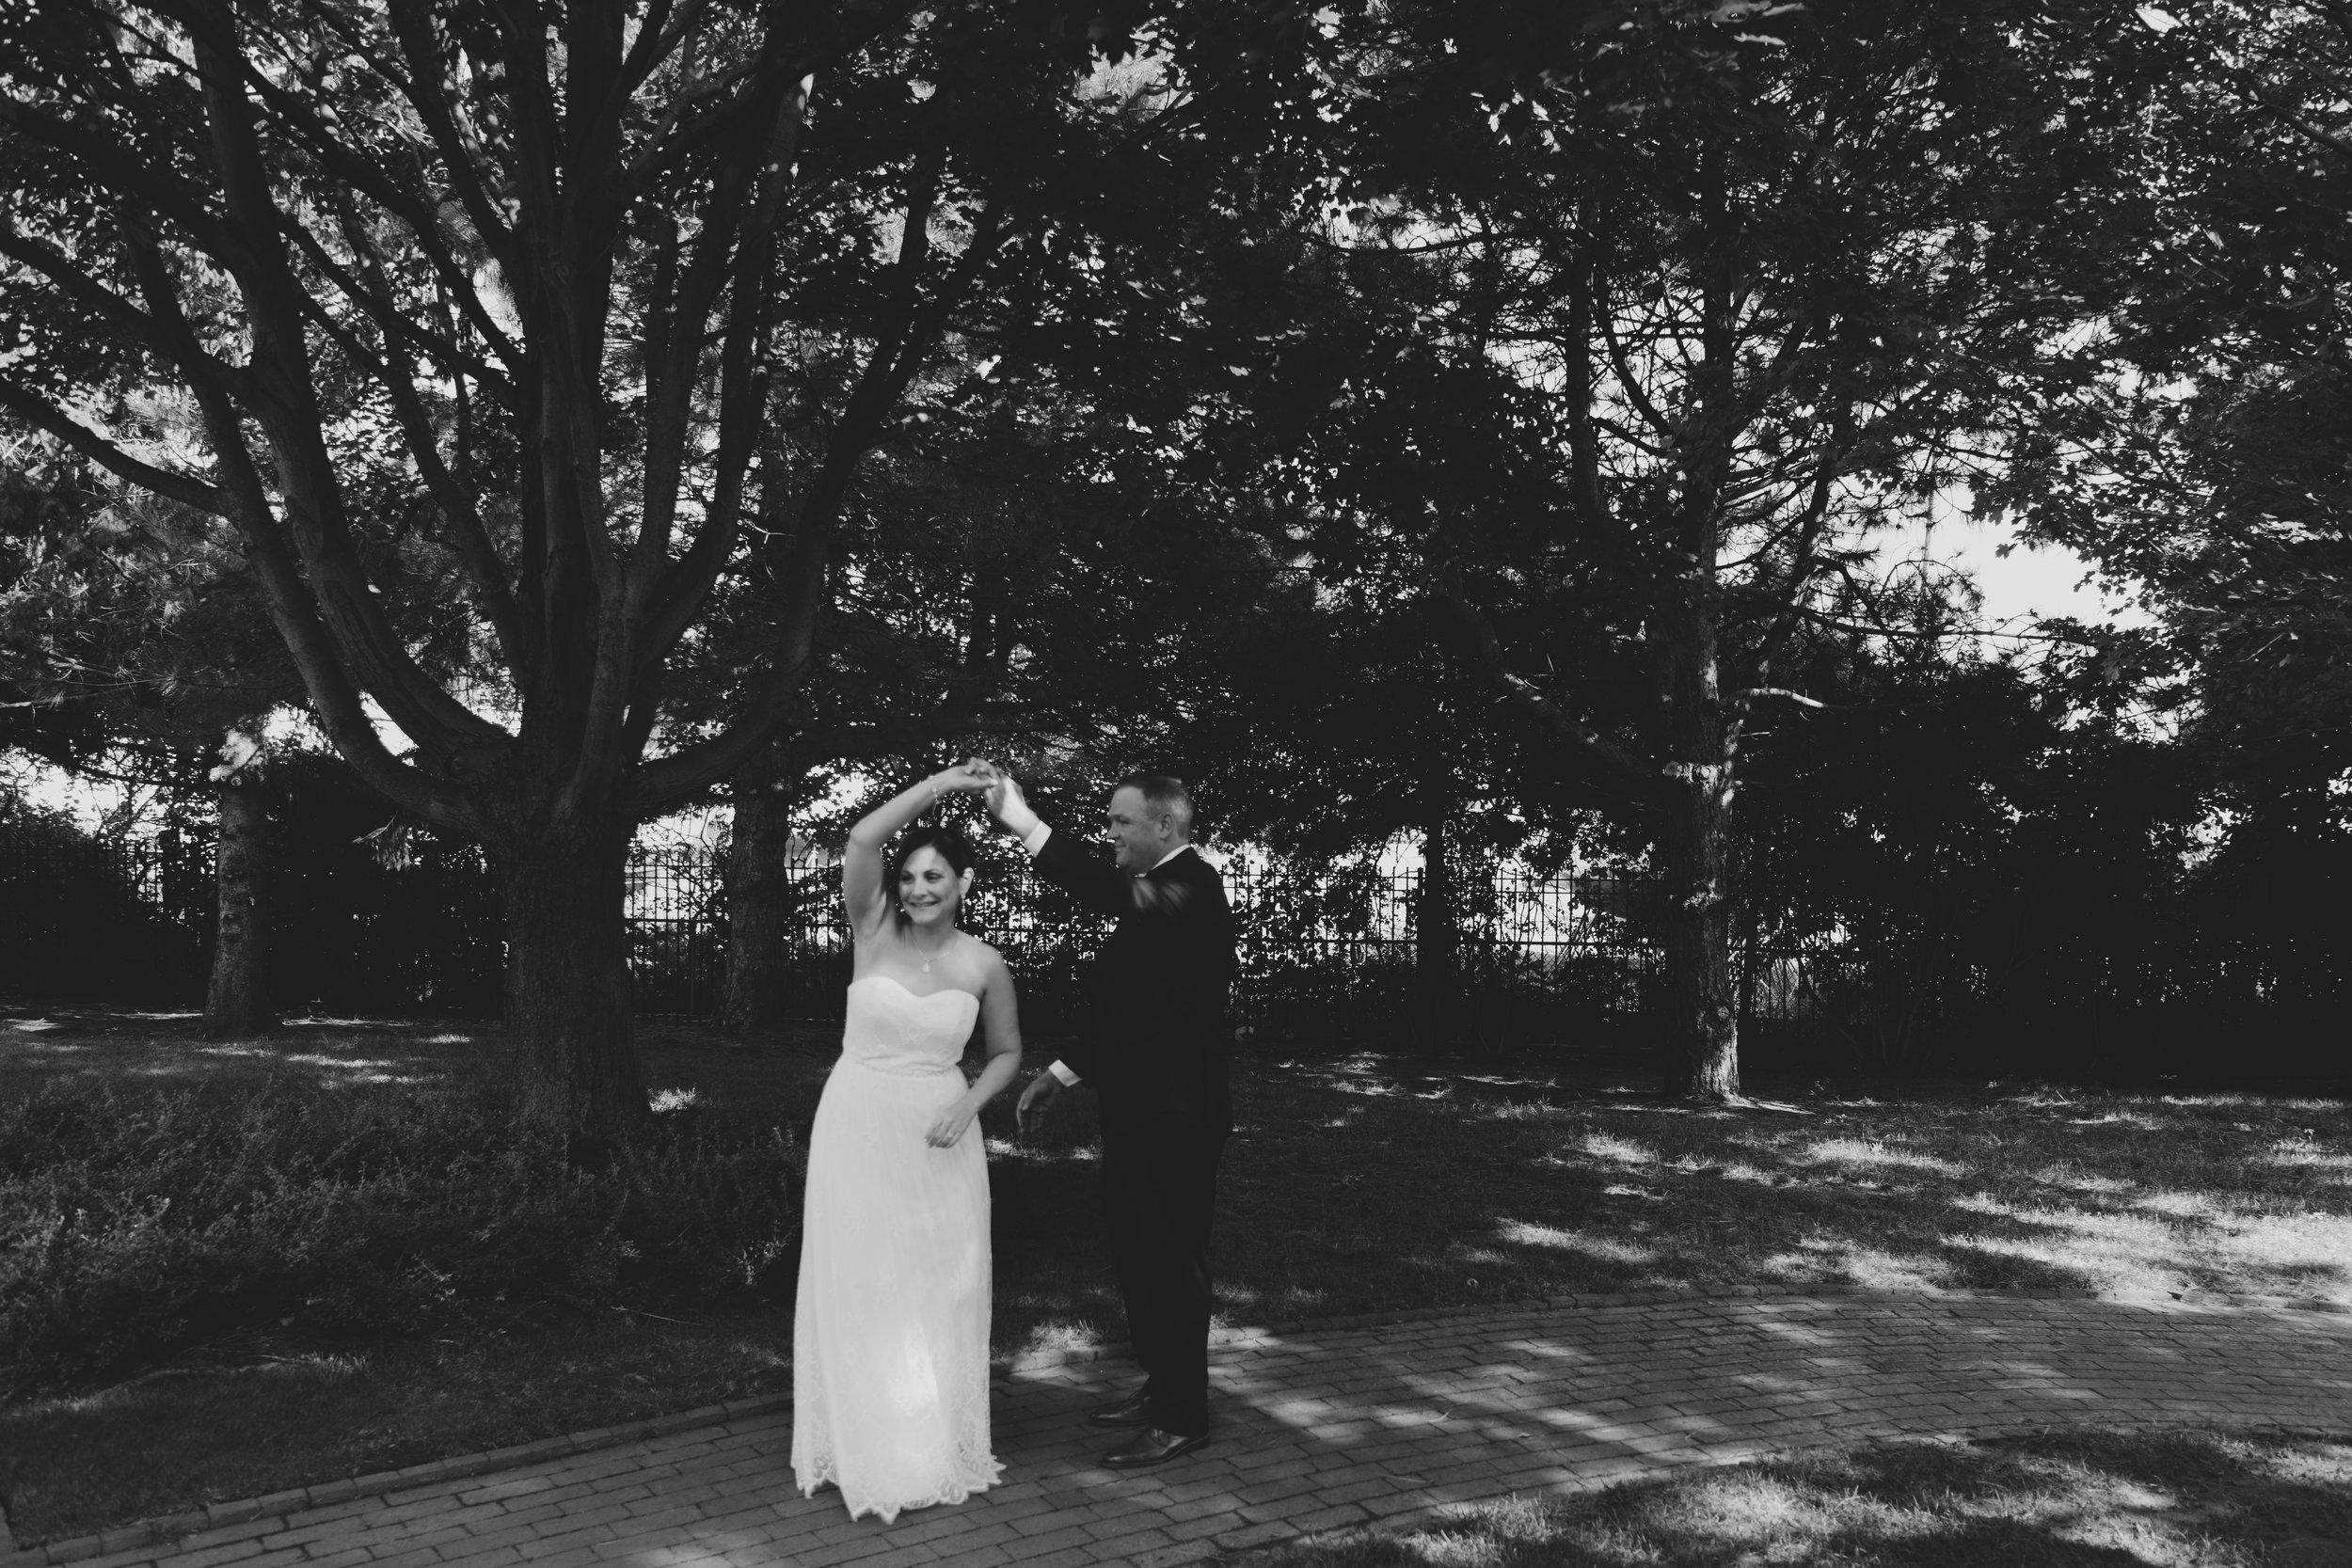 180915_Robinson_K+J_Wedding_005.jpg